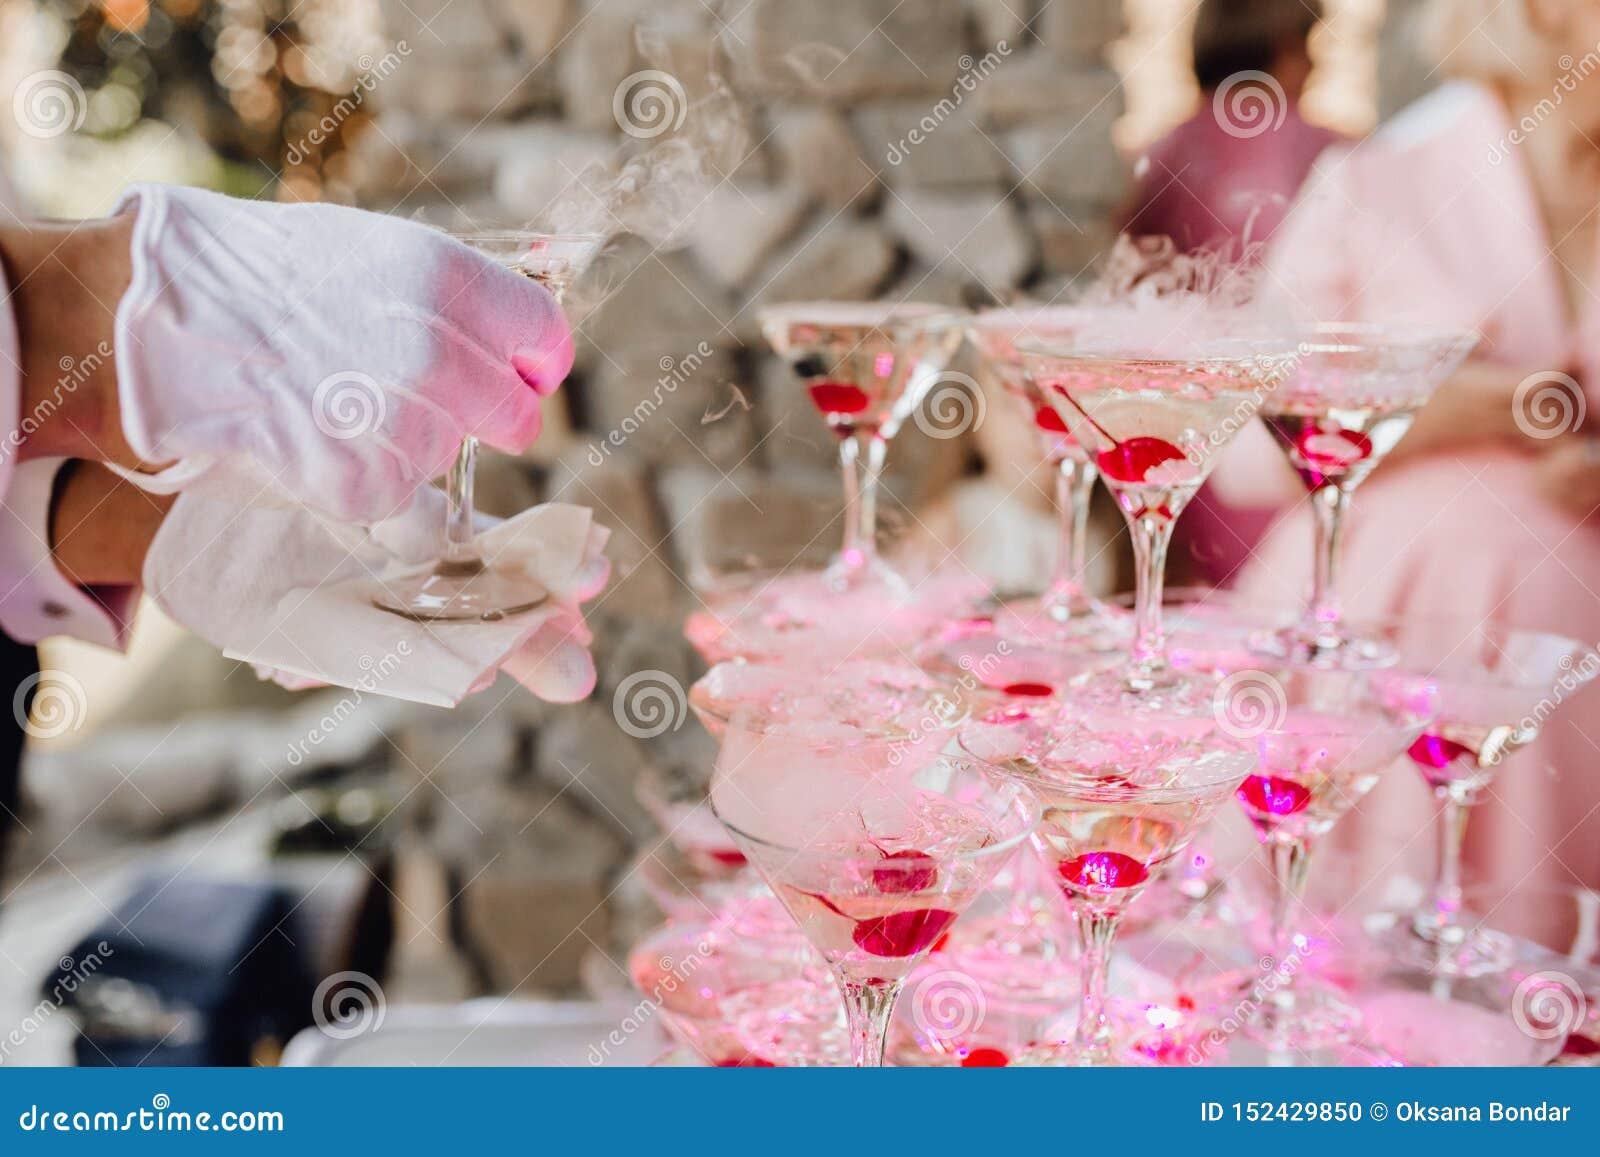 Handen i handske satte Champagne Glass Pyramid Catering